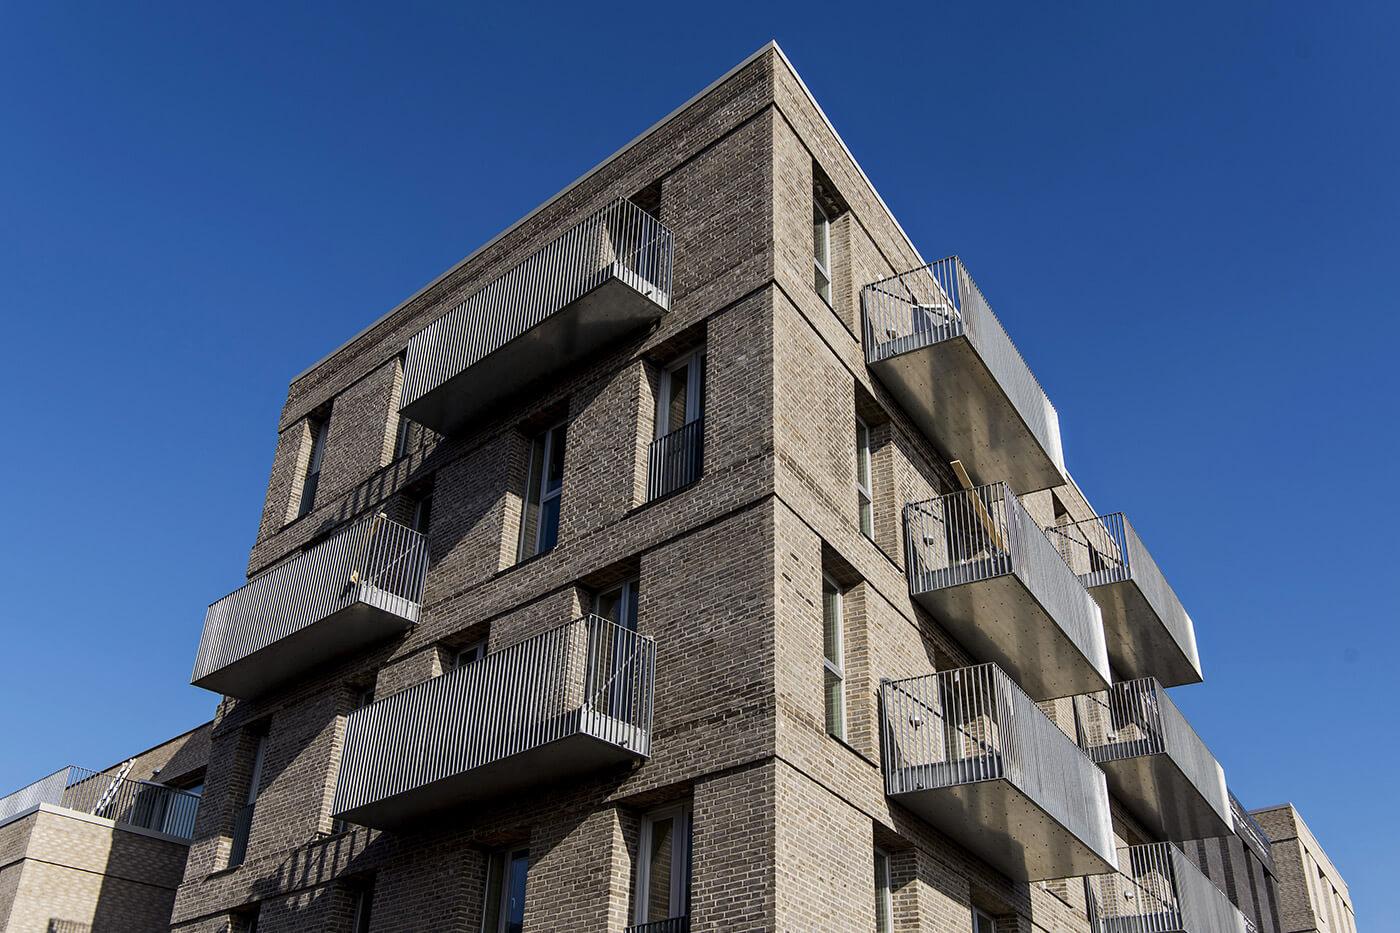 Jönsson har opført tre boligblokke i det nye Bellakvarter ved Bella Center i København.